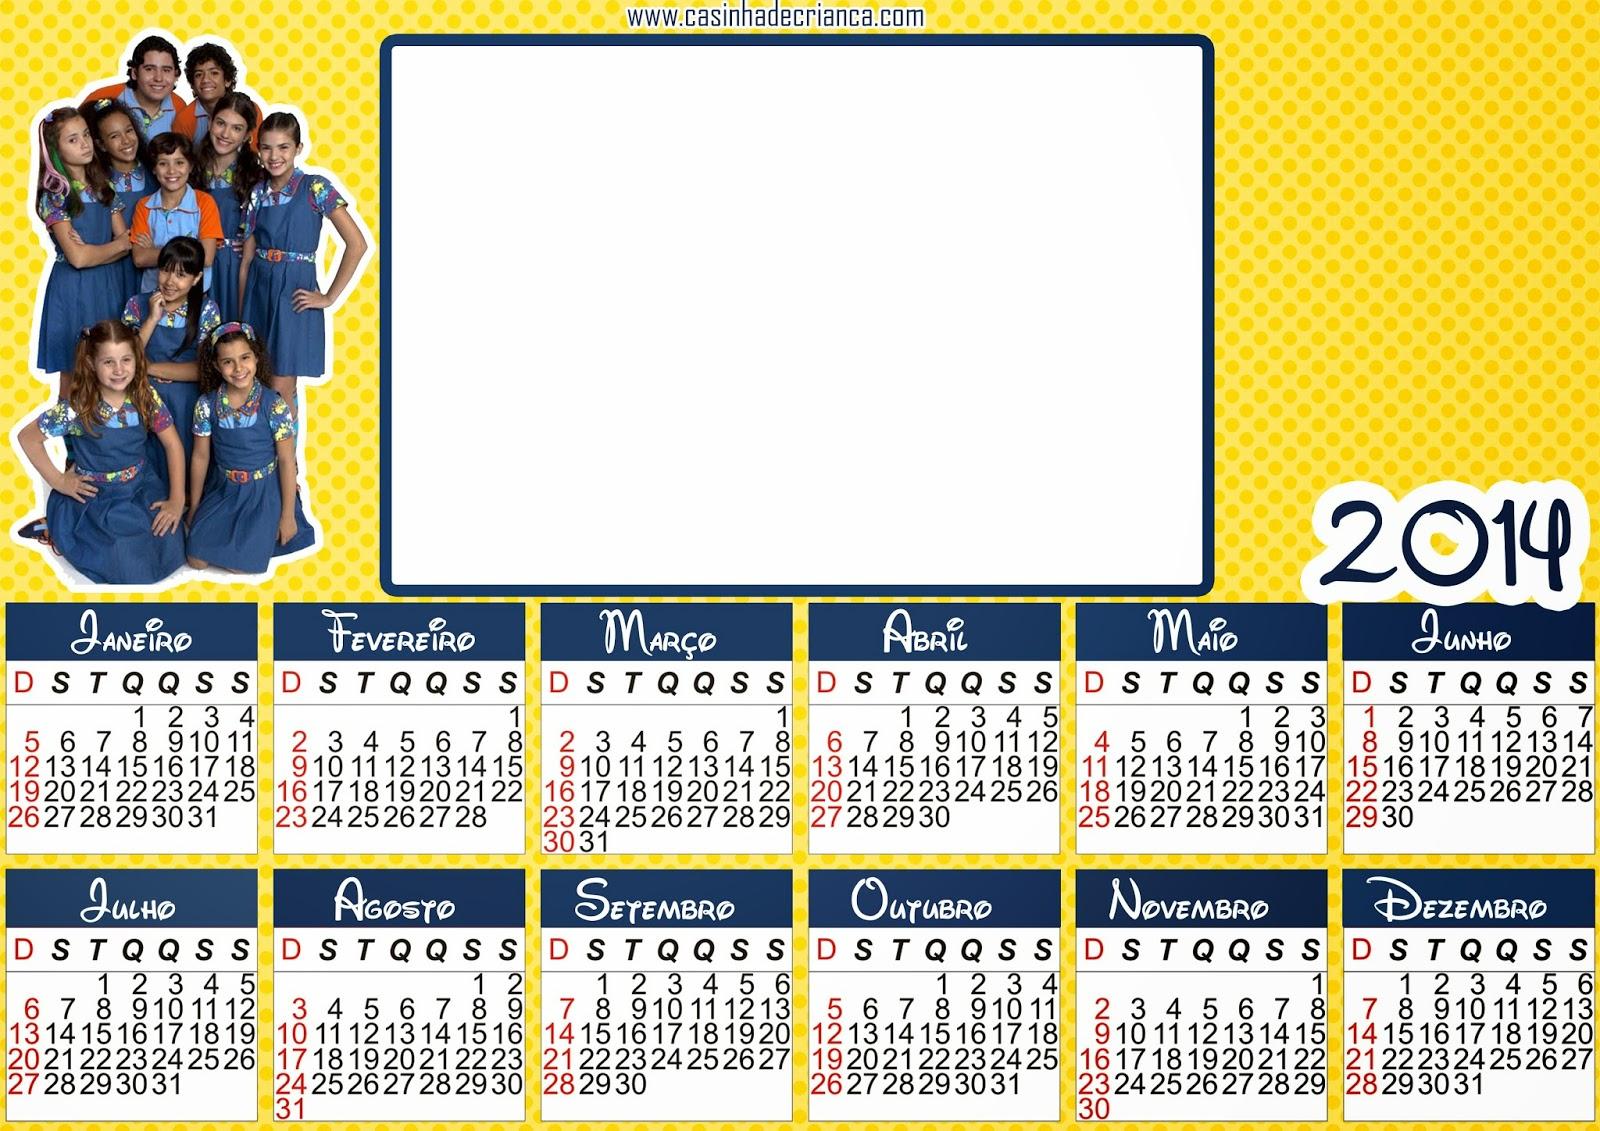 calendário chiquititas 2014